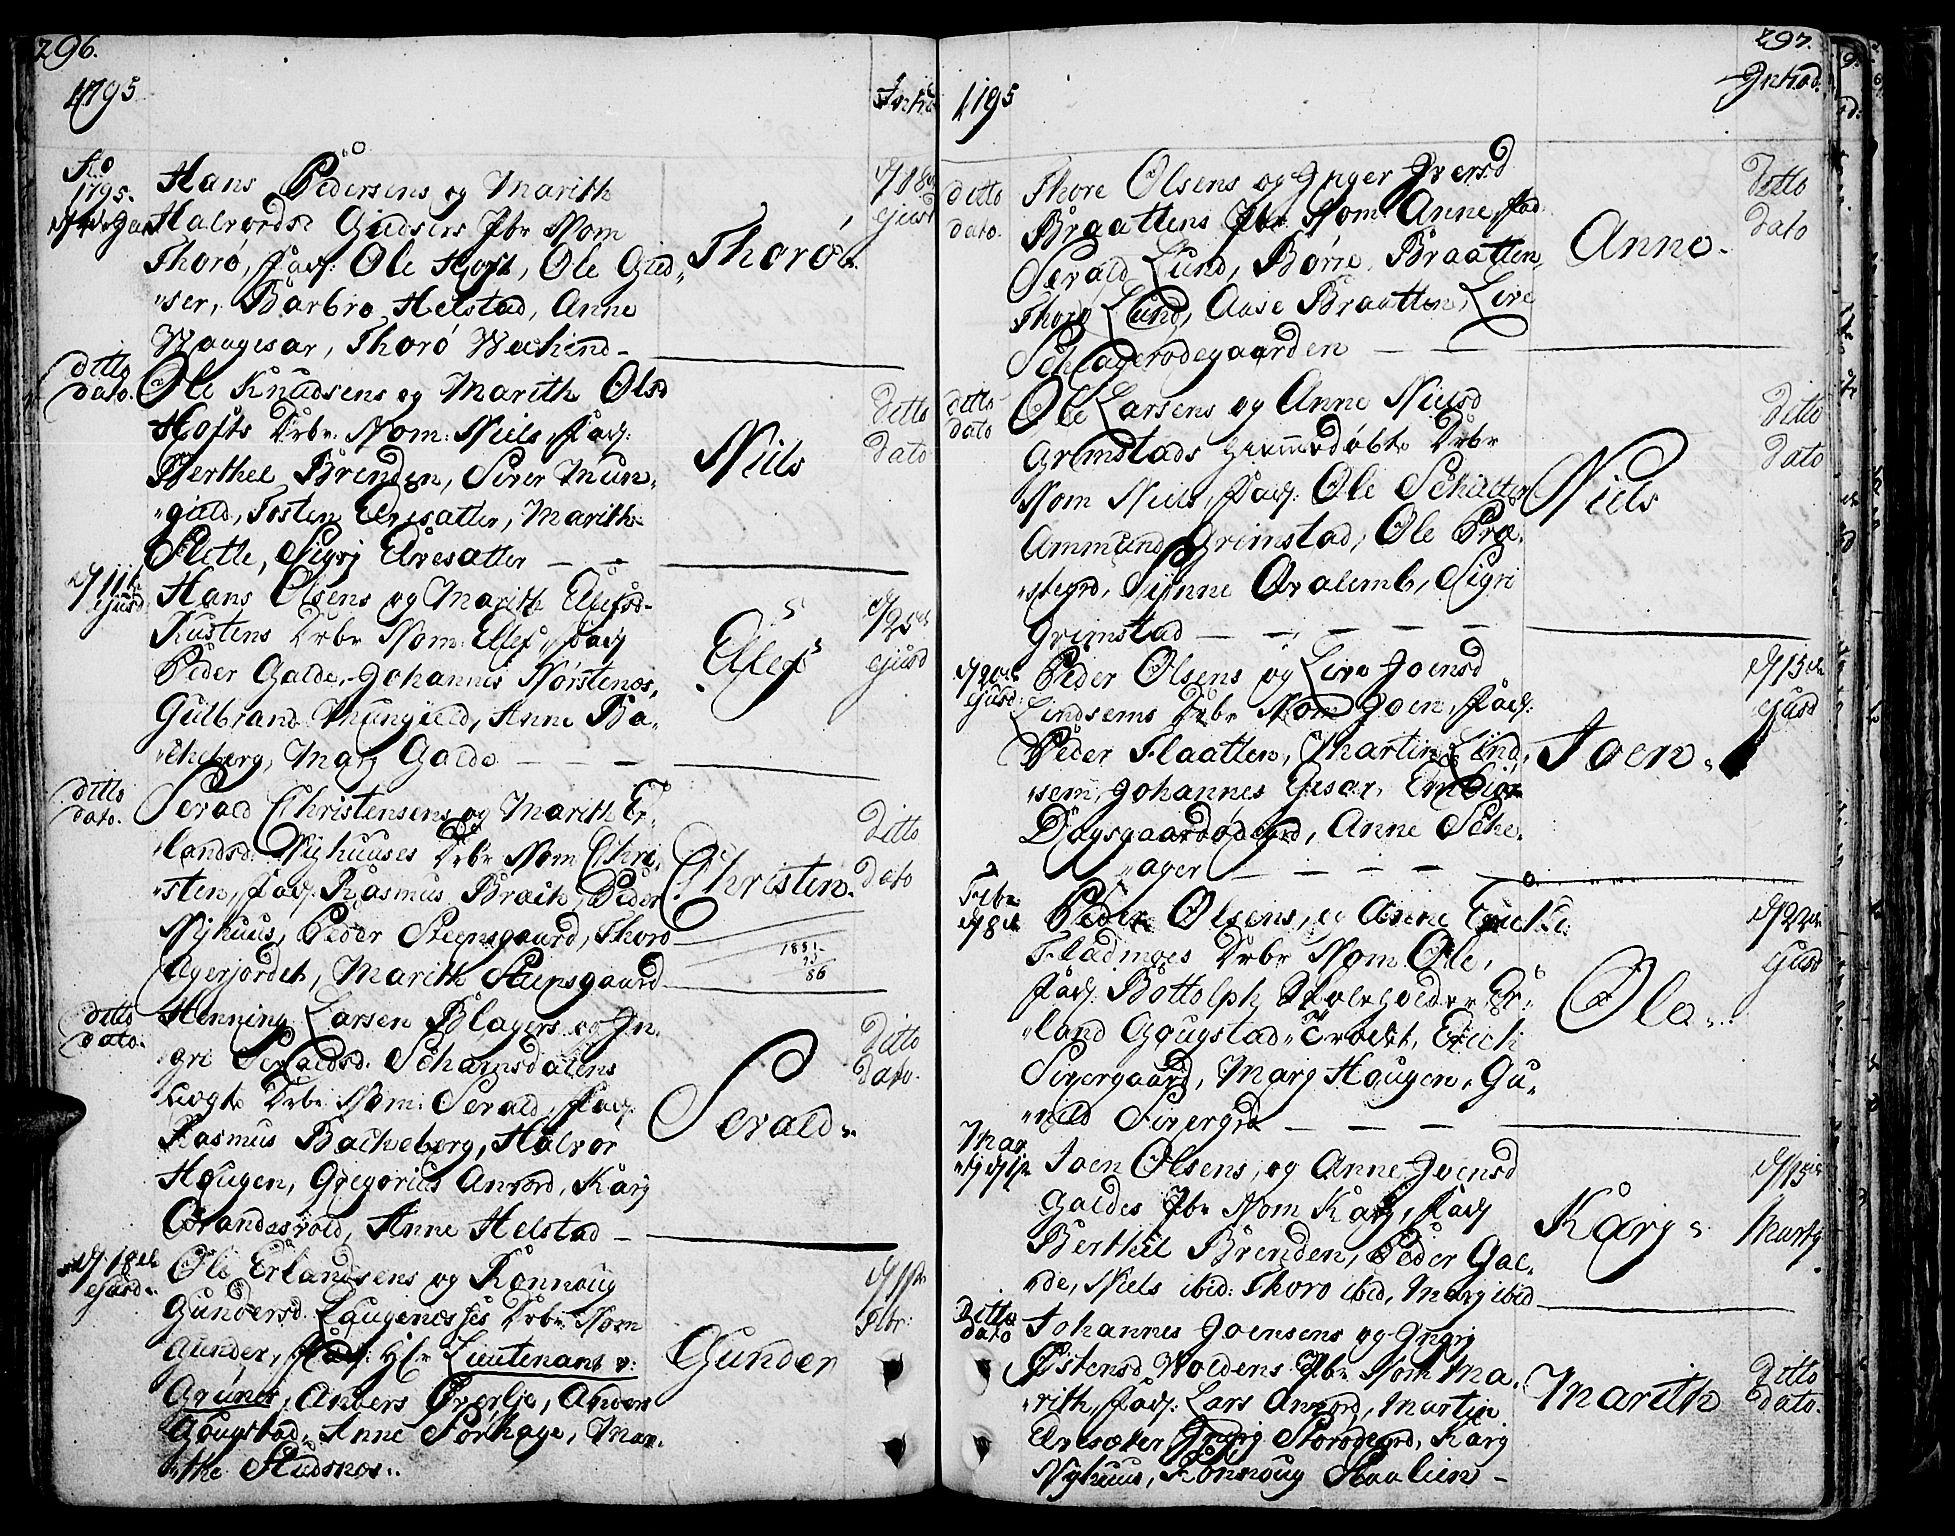 SAH, Lom prestekontor, K/L0002: Ministerialbok nr. 2, 1749-1801, s. 296-297